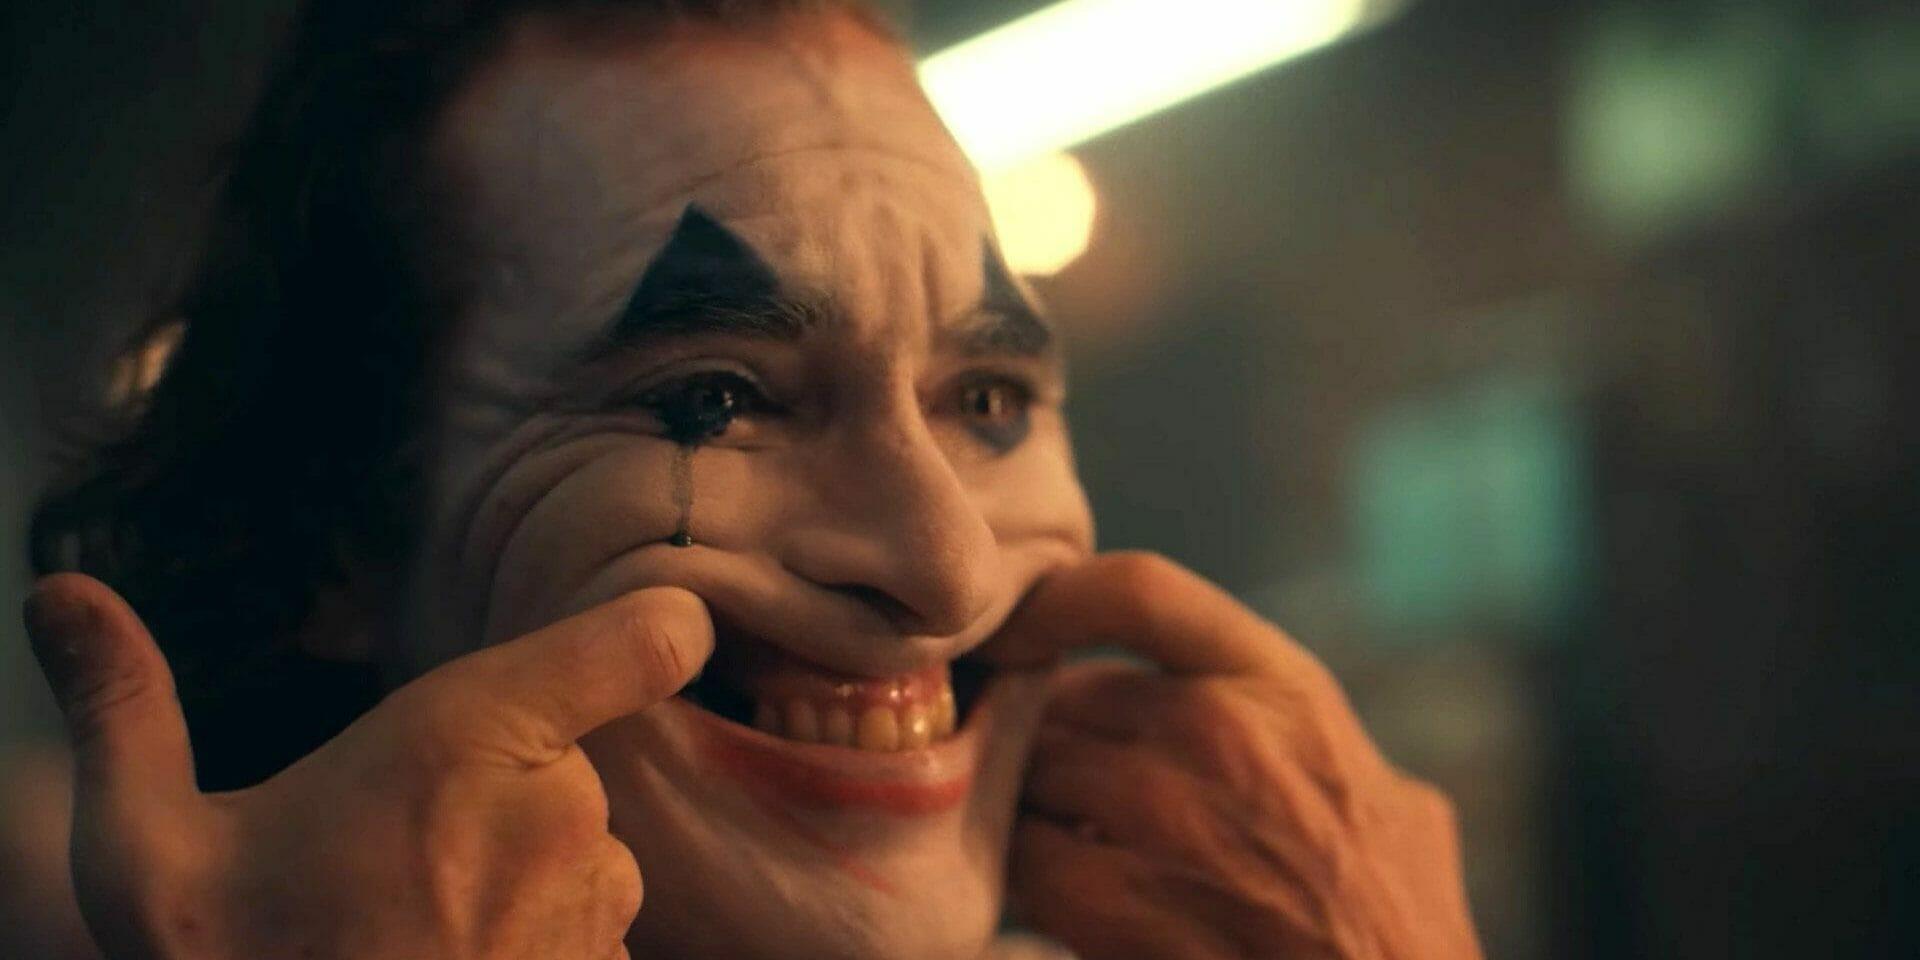 joker is catnip for